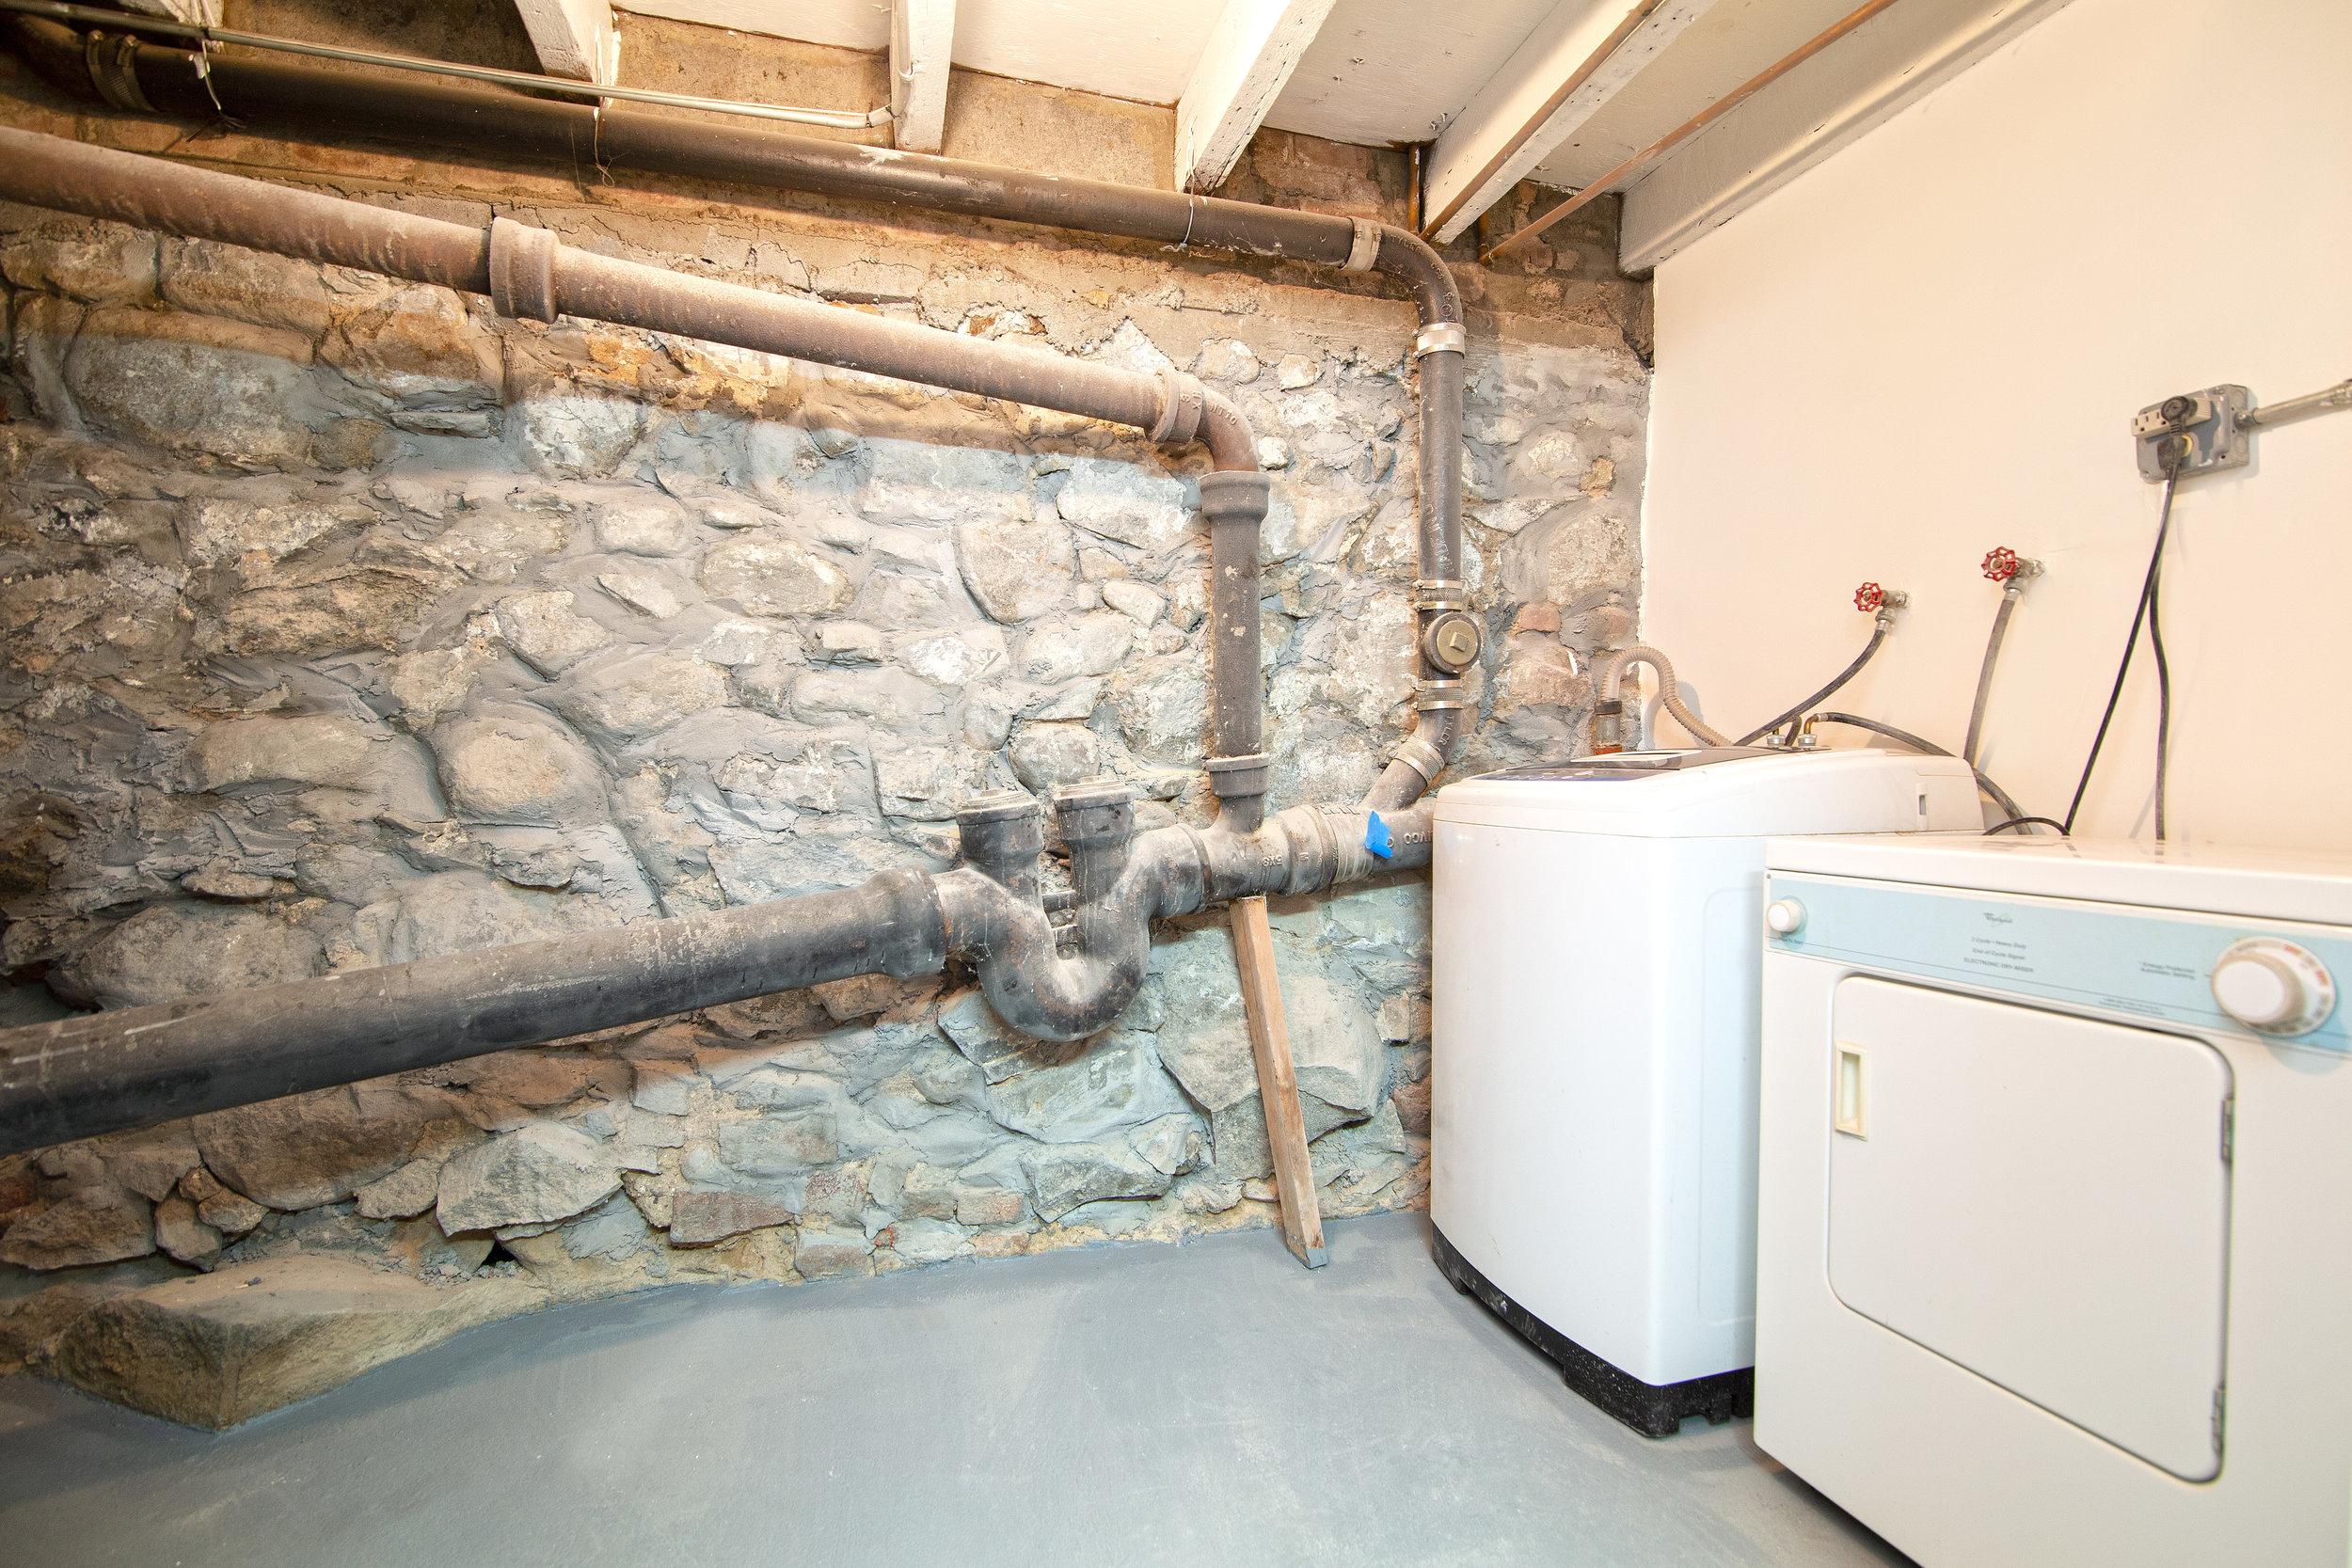 345 Adelphi Street Laundry Room.jpg